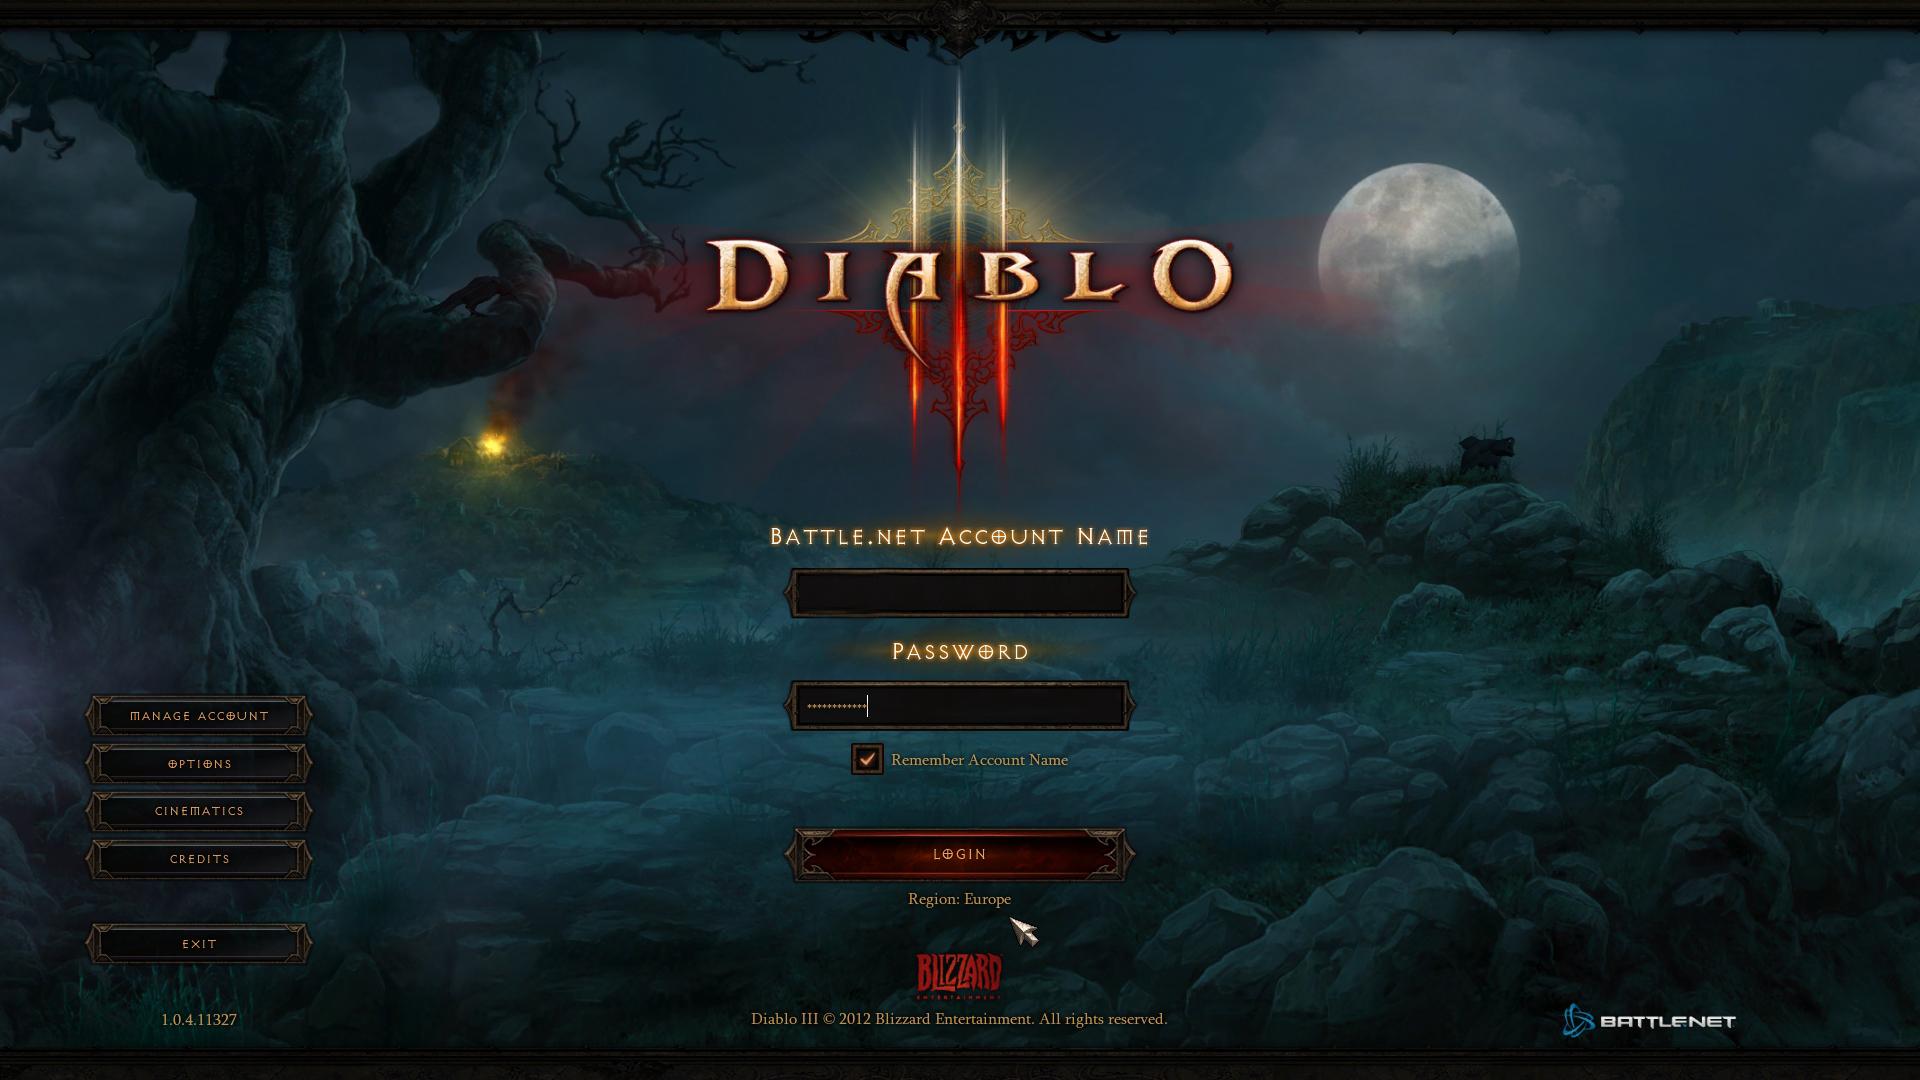 Diablo 3 1.0.5 PTR czyli jak pozbyć się error 12 screnshot 7